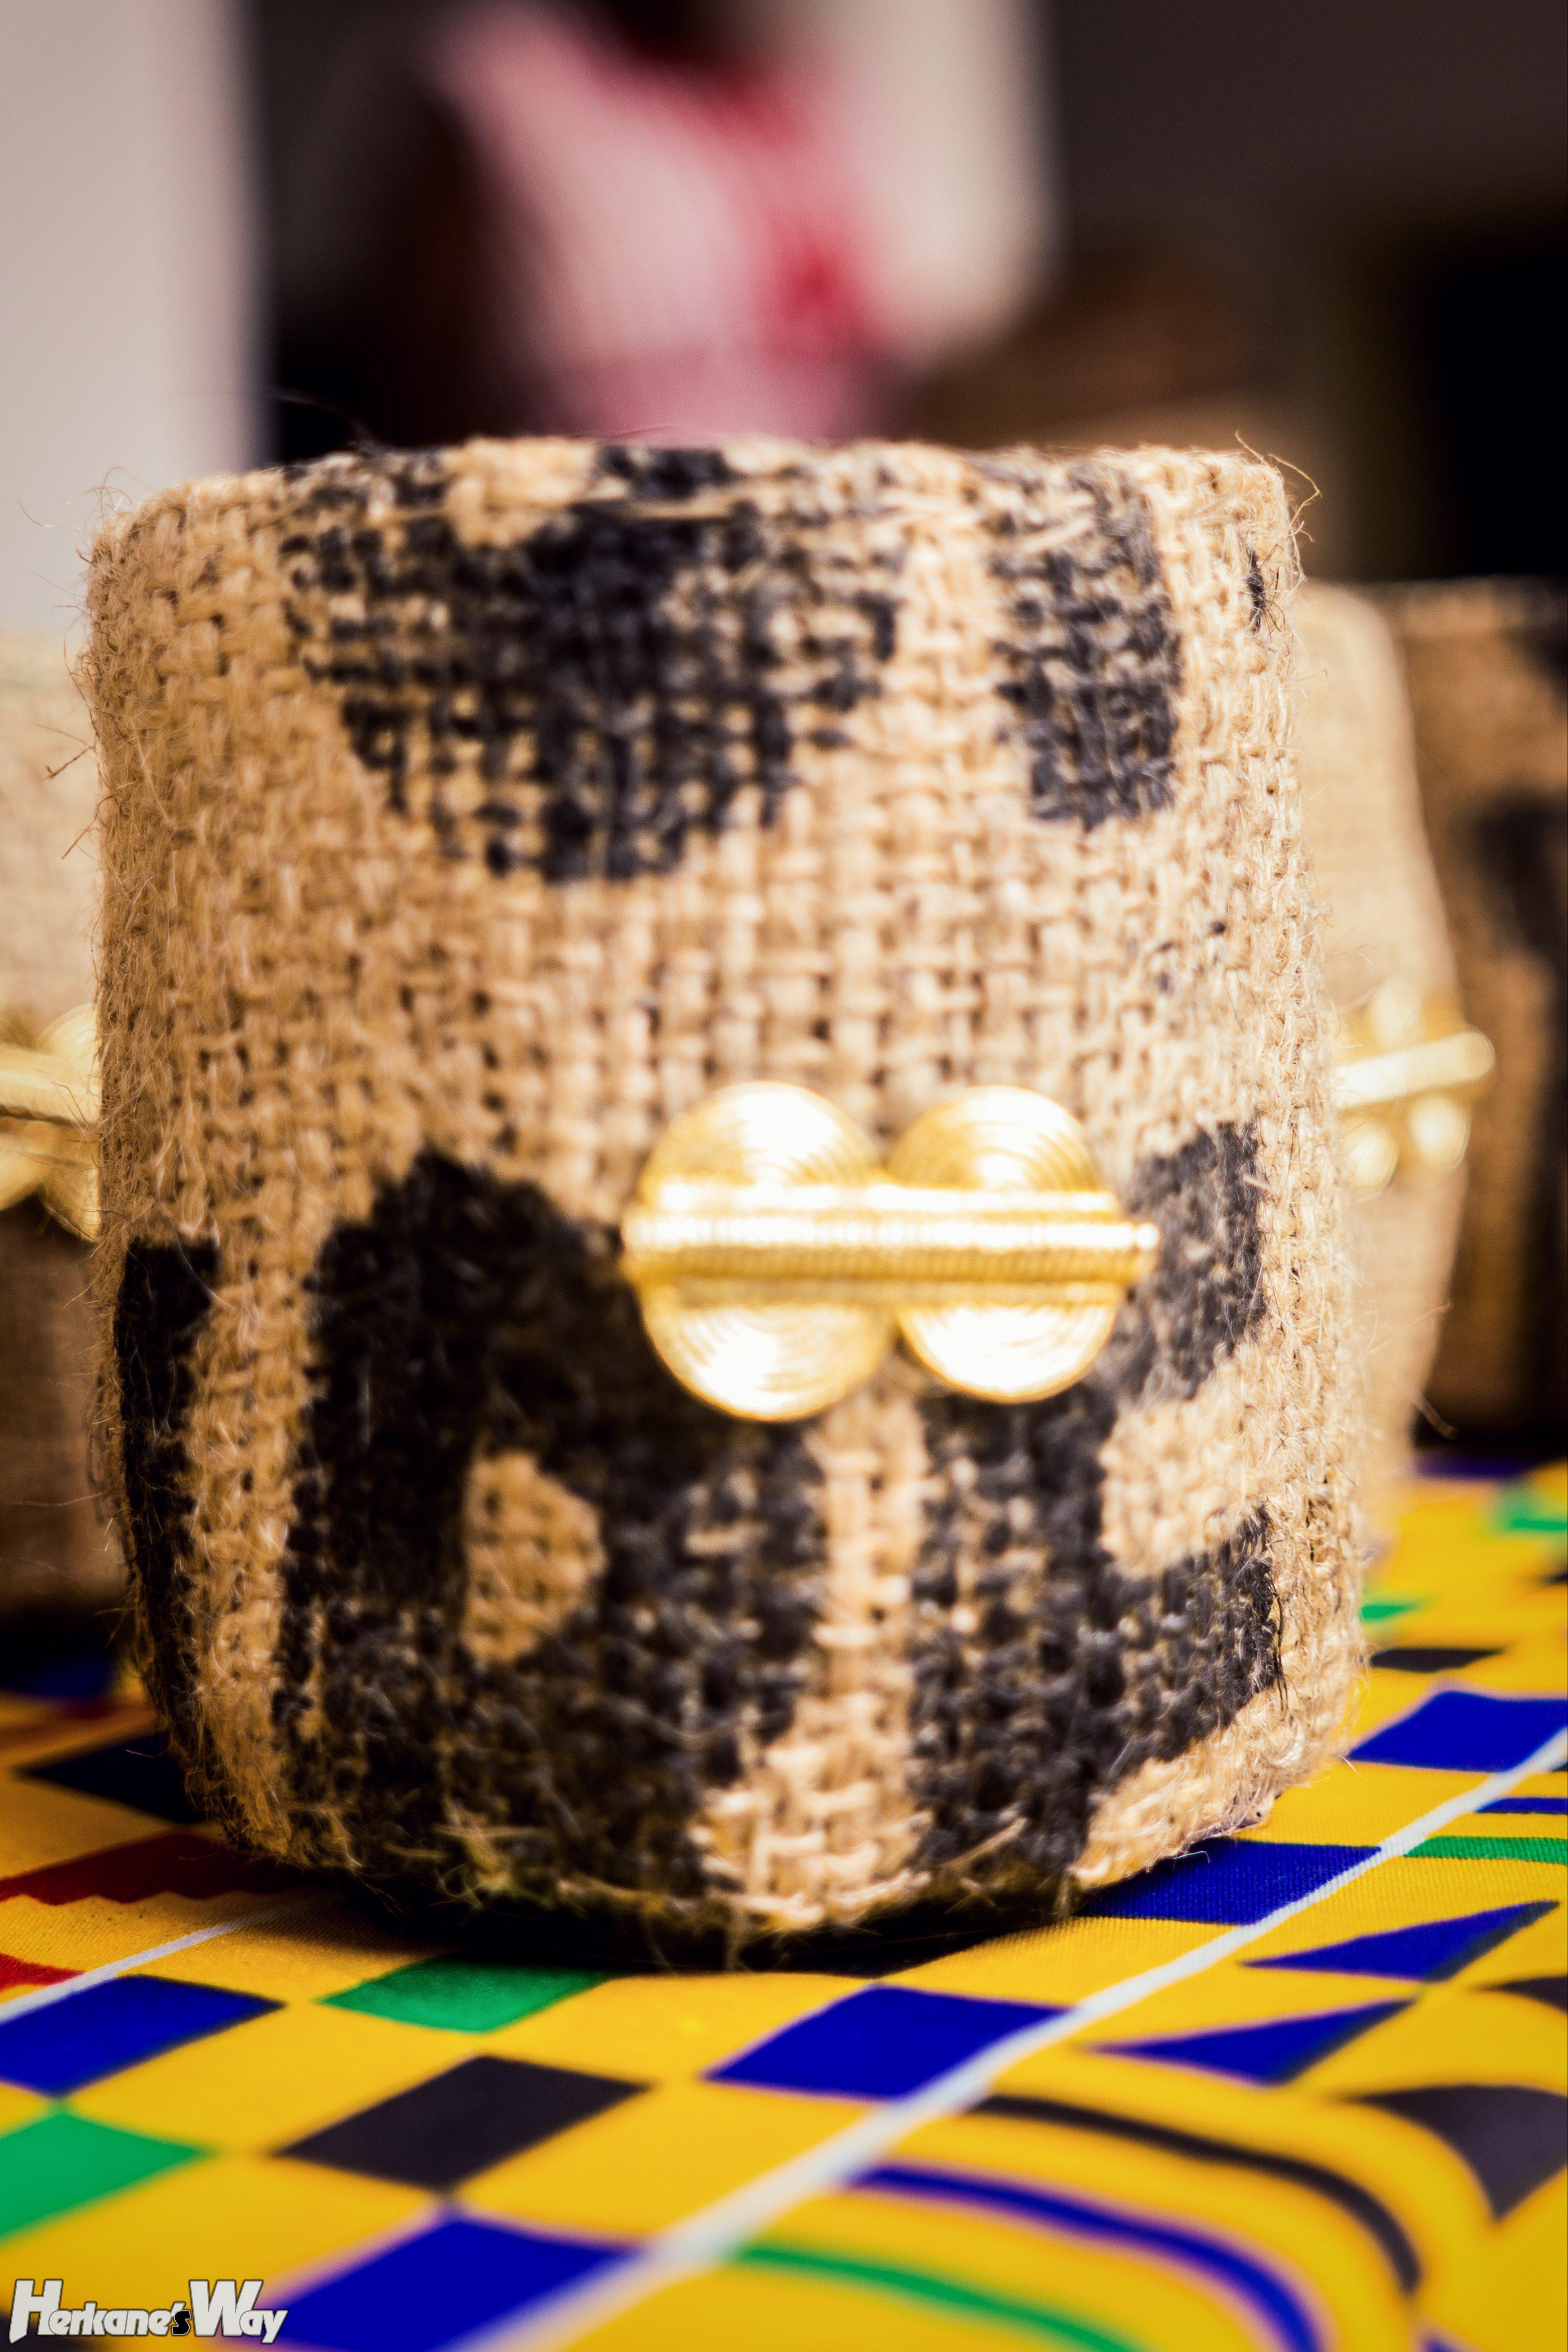 Expo Vente Artisanat Africain #3 - STIOU Candles